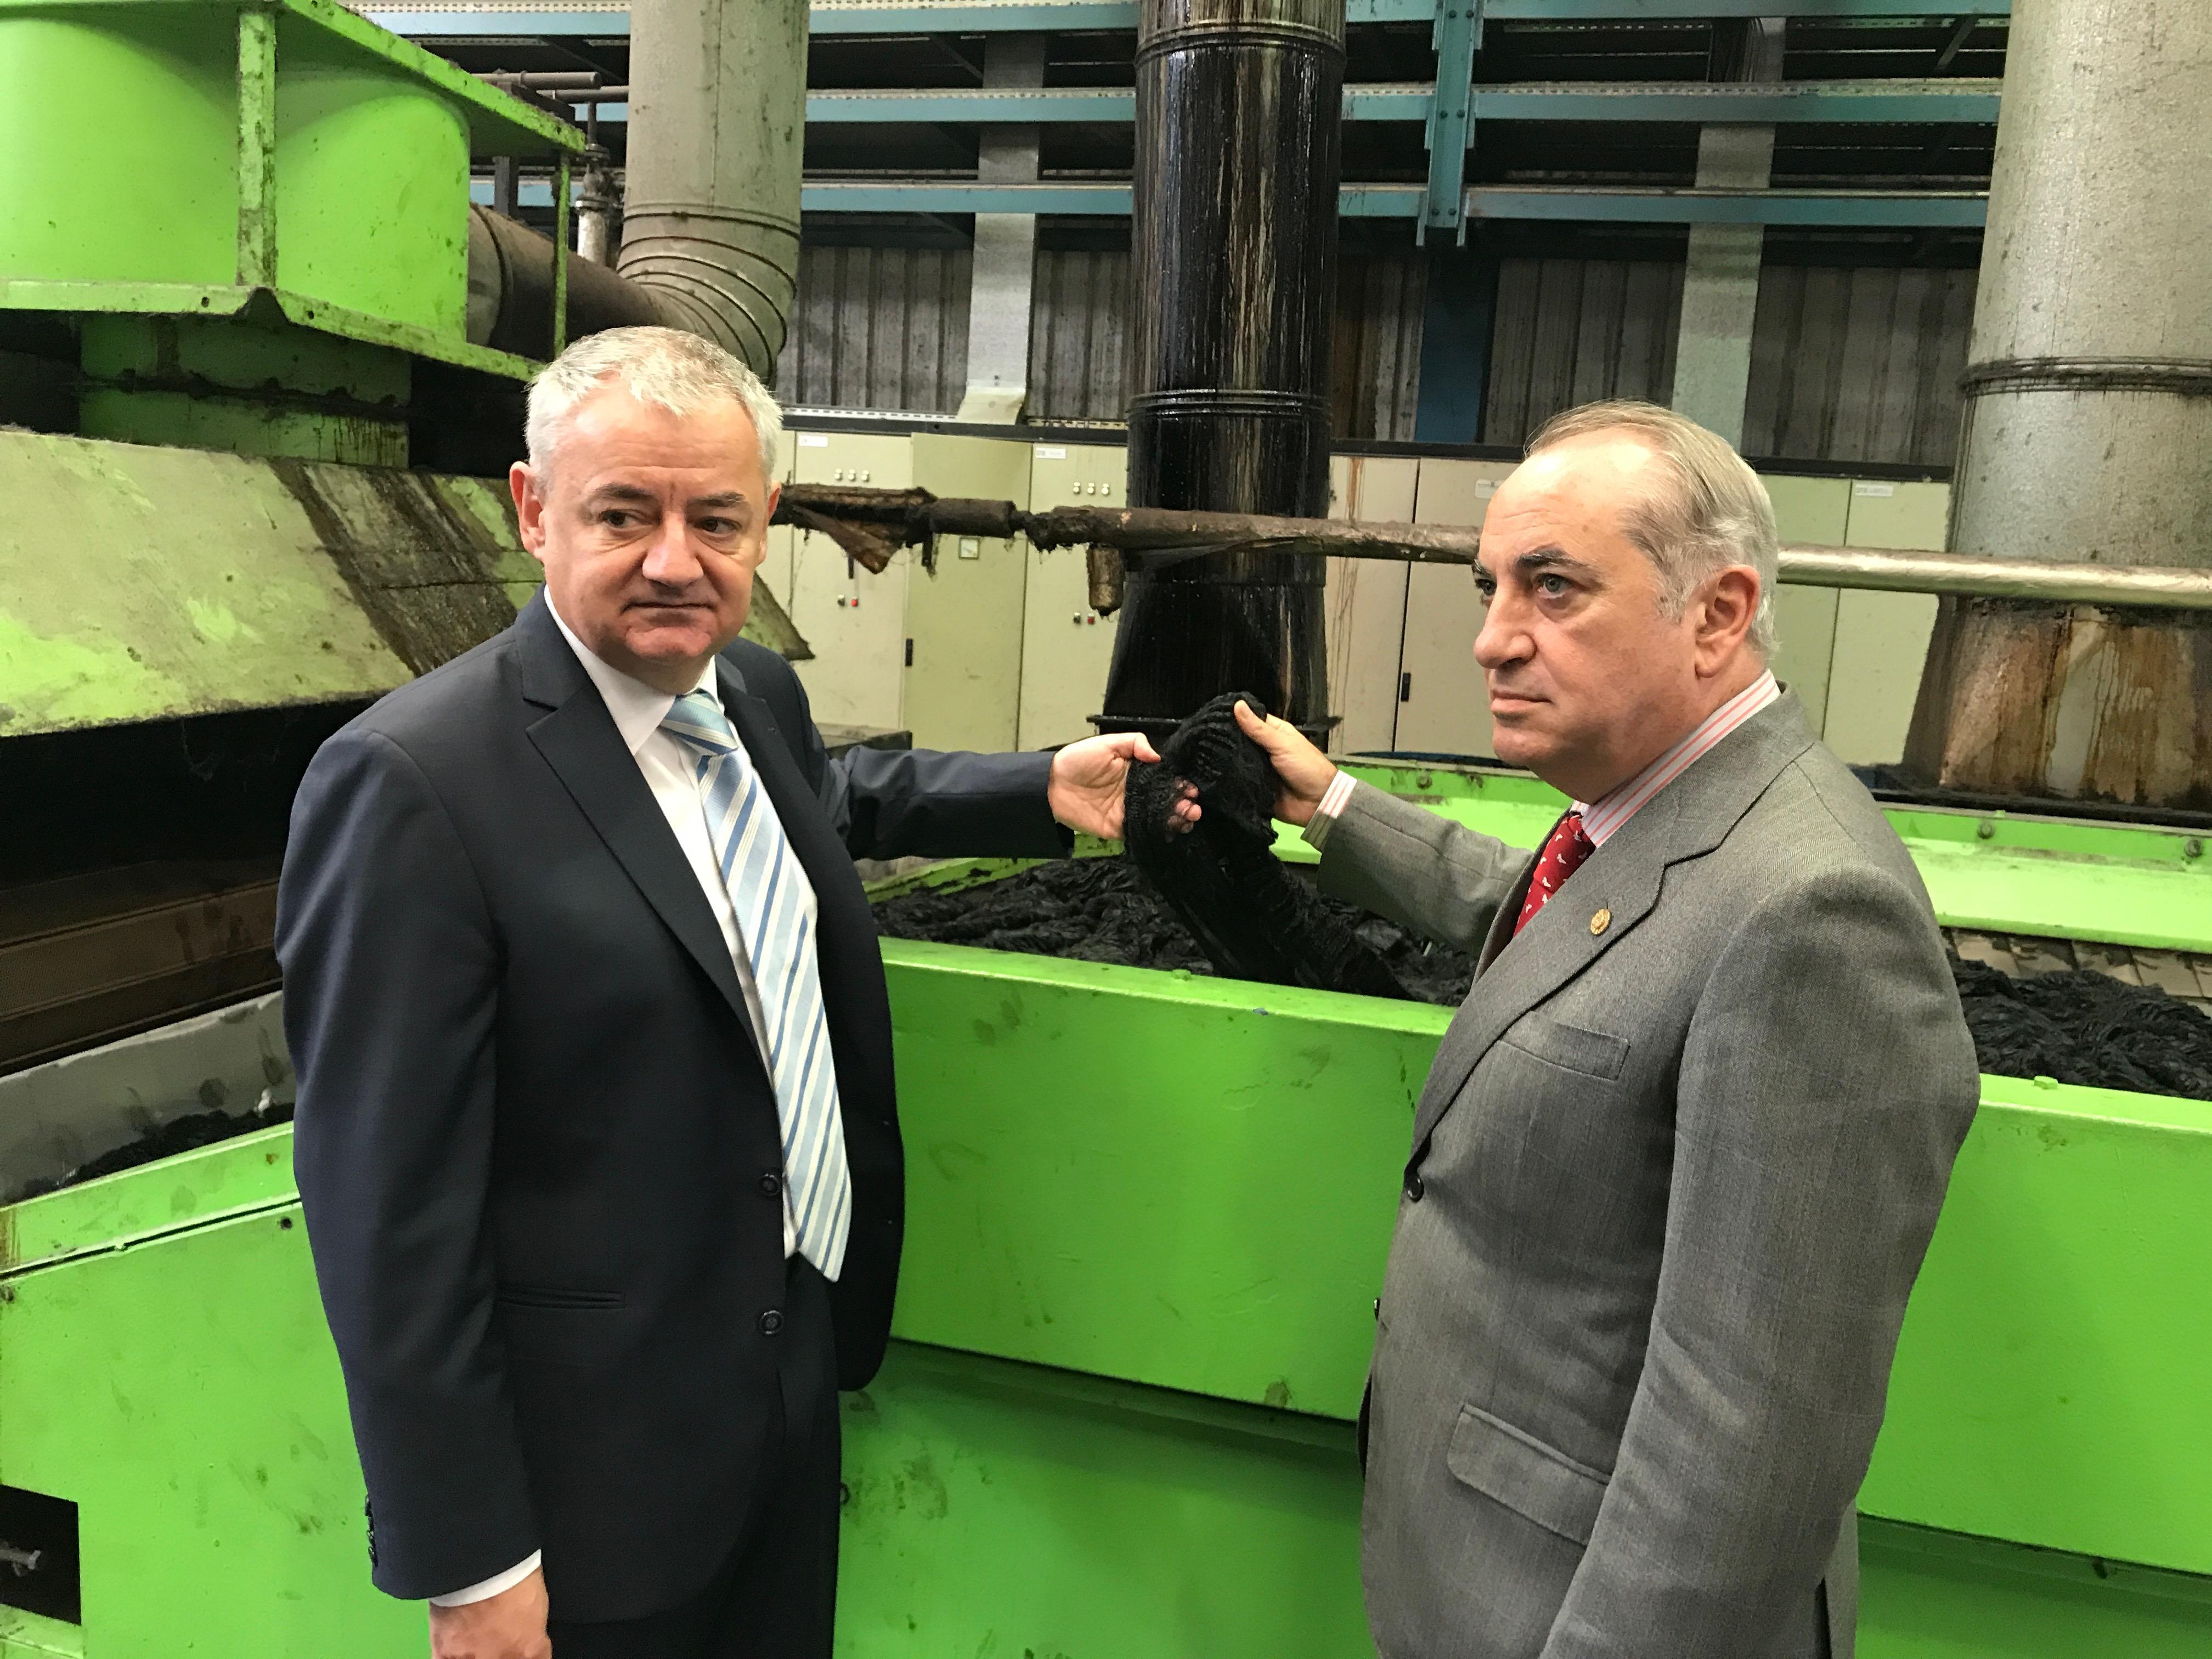 El consejero Arriola anima a las empresas vascas a luchar contra el cambio climático y convertir la economía circular en una oportunidad de negocio